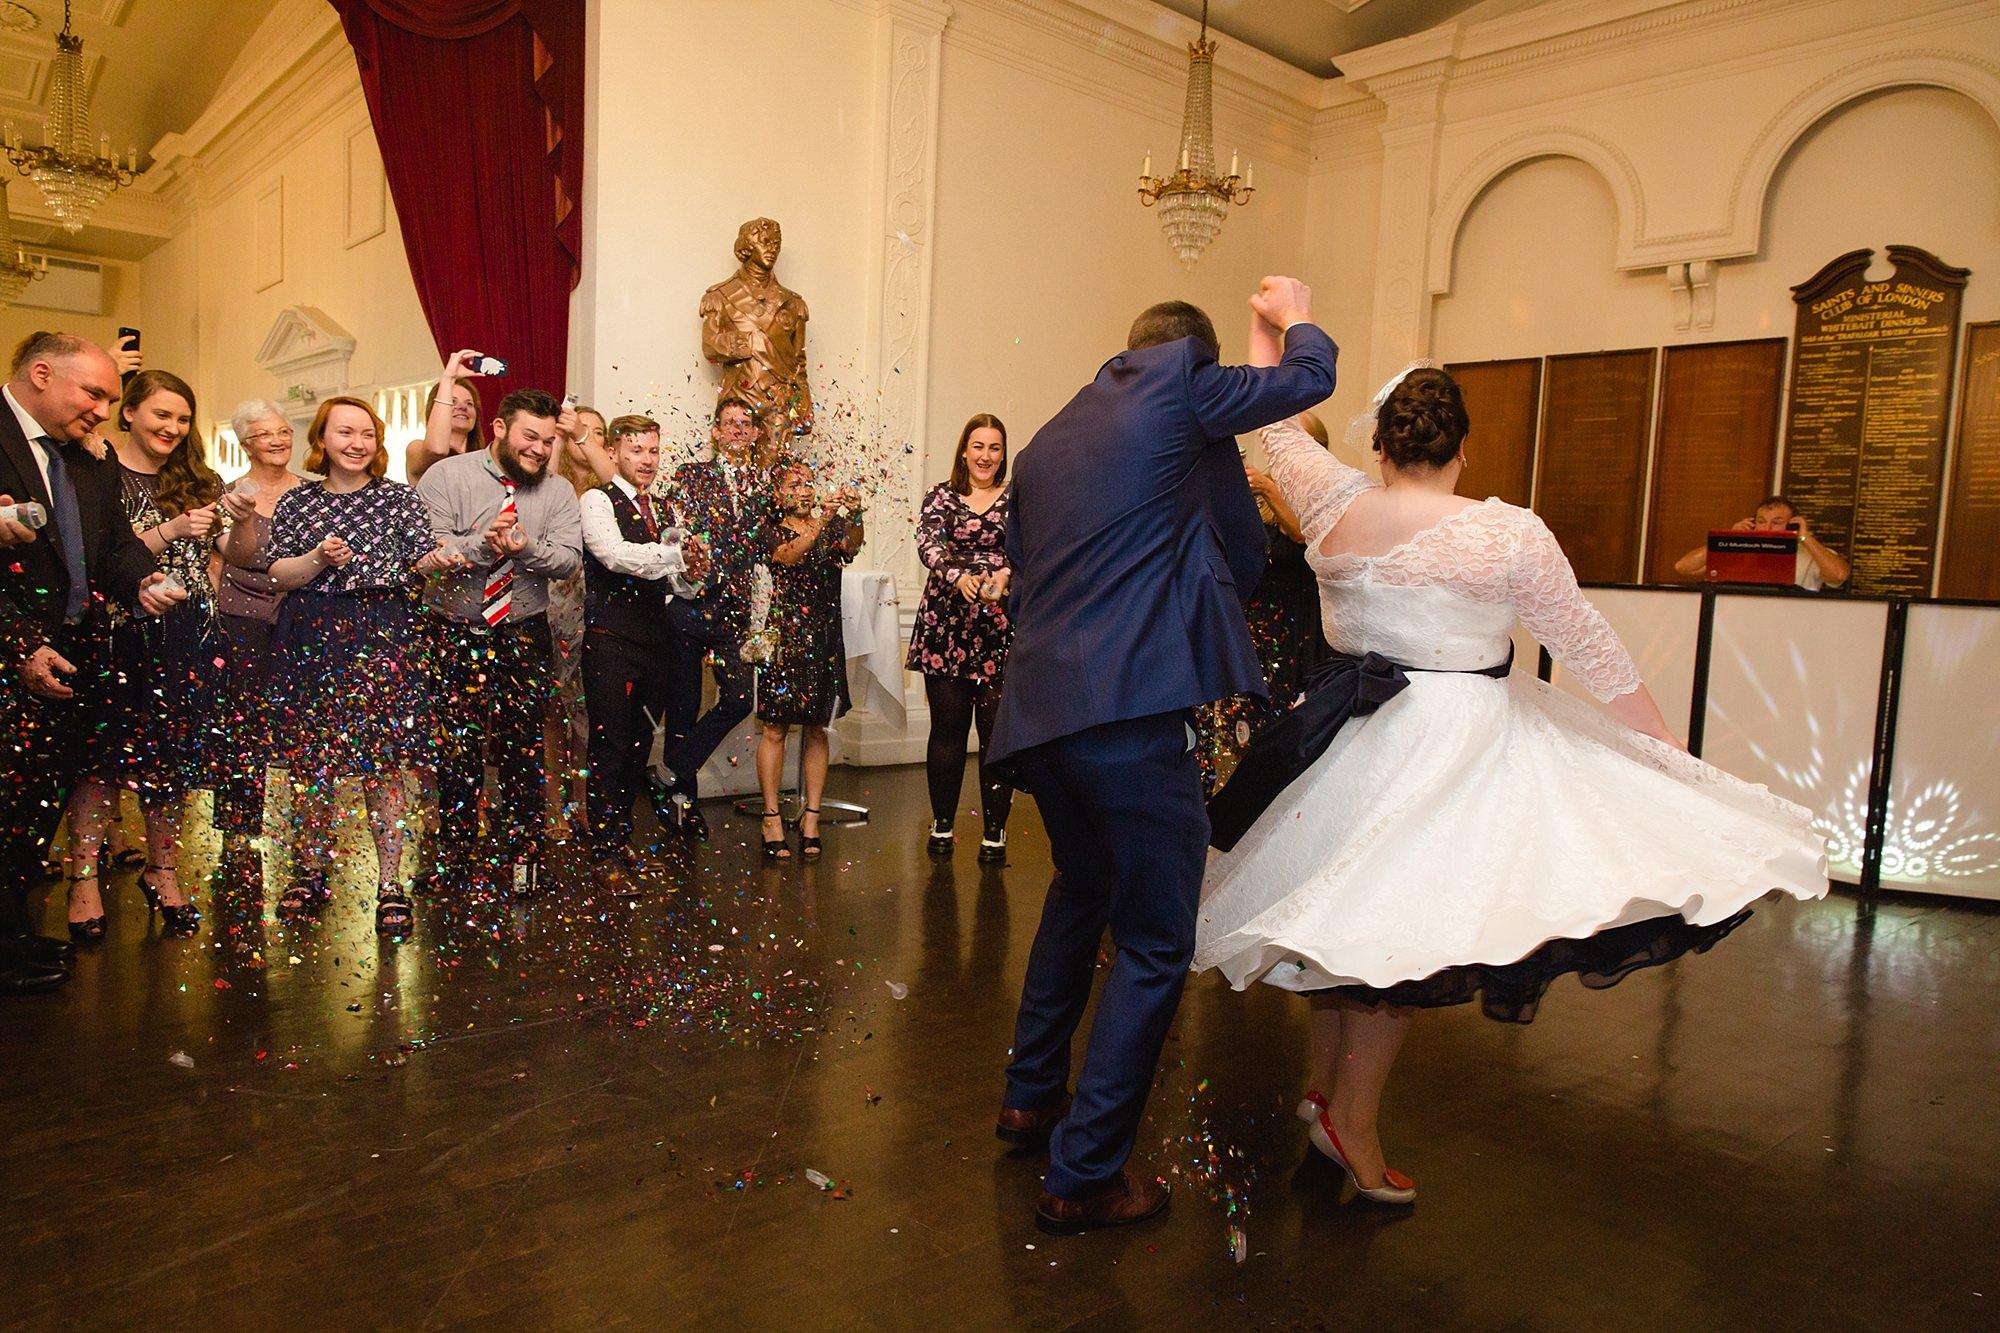 Trafalgar Tavern wedding groom twirls the bride during their first dance